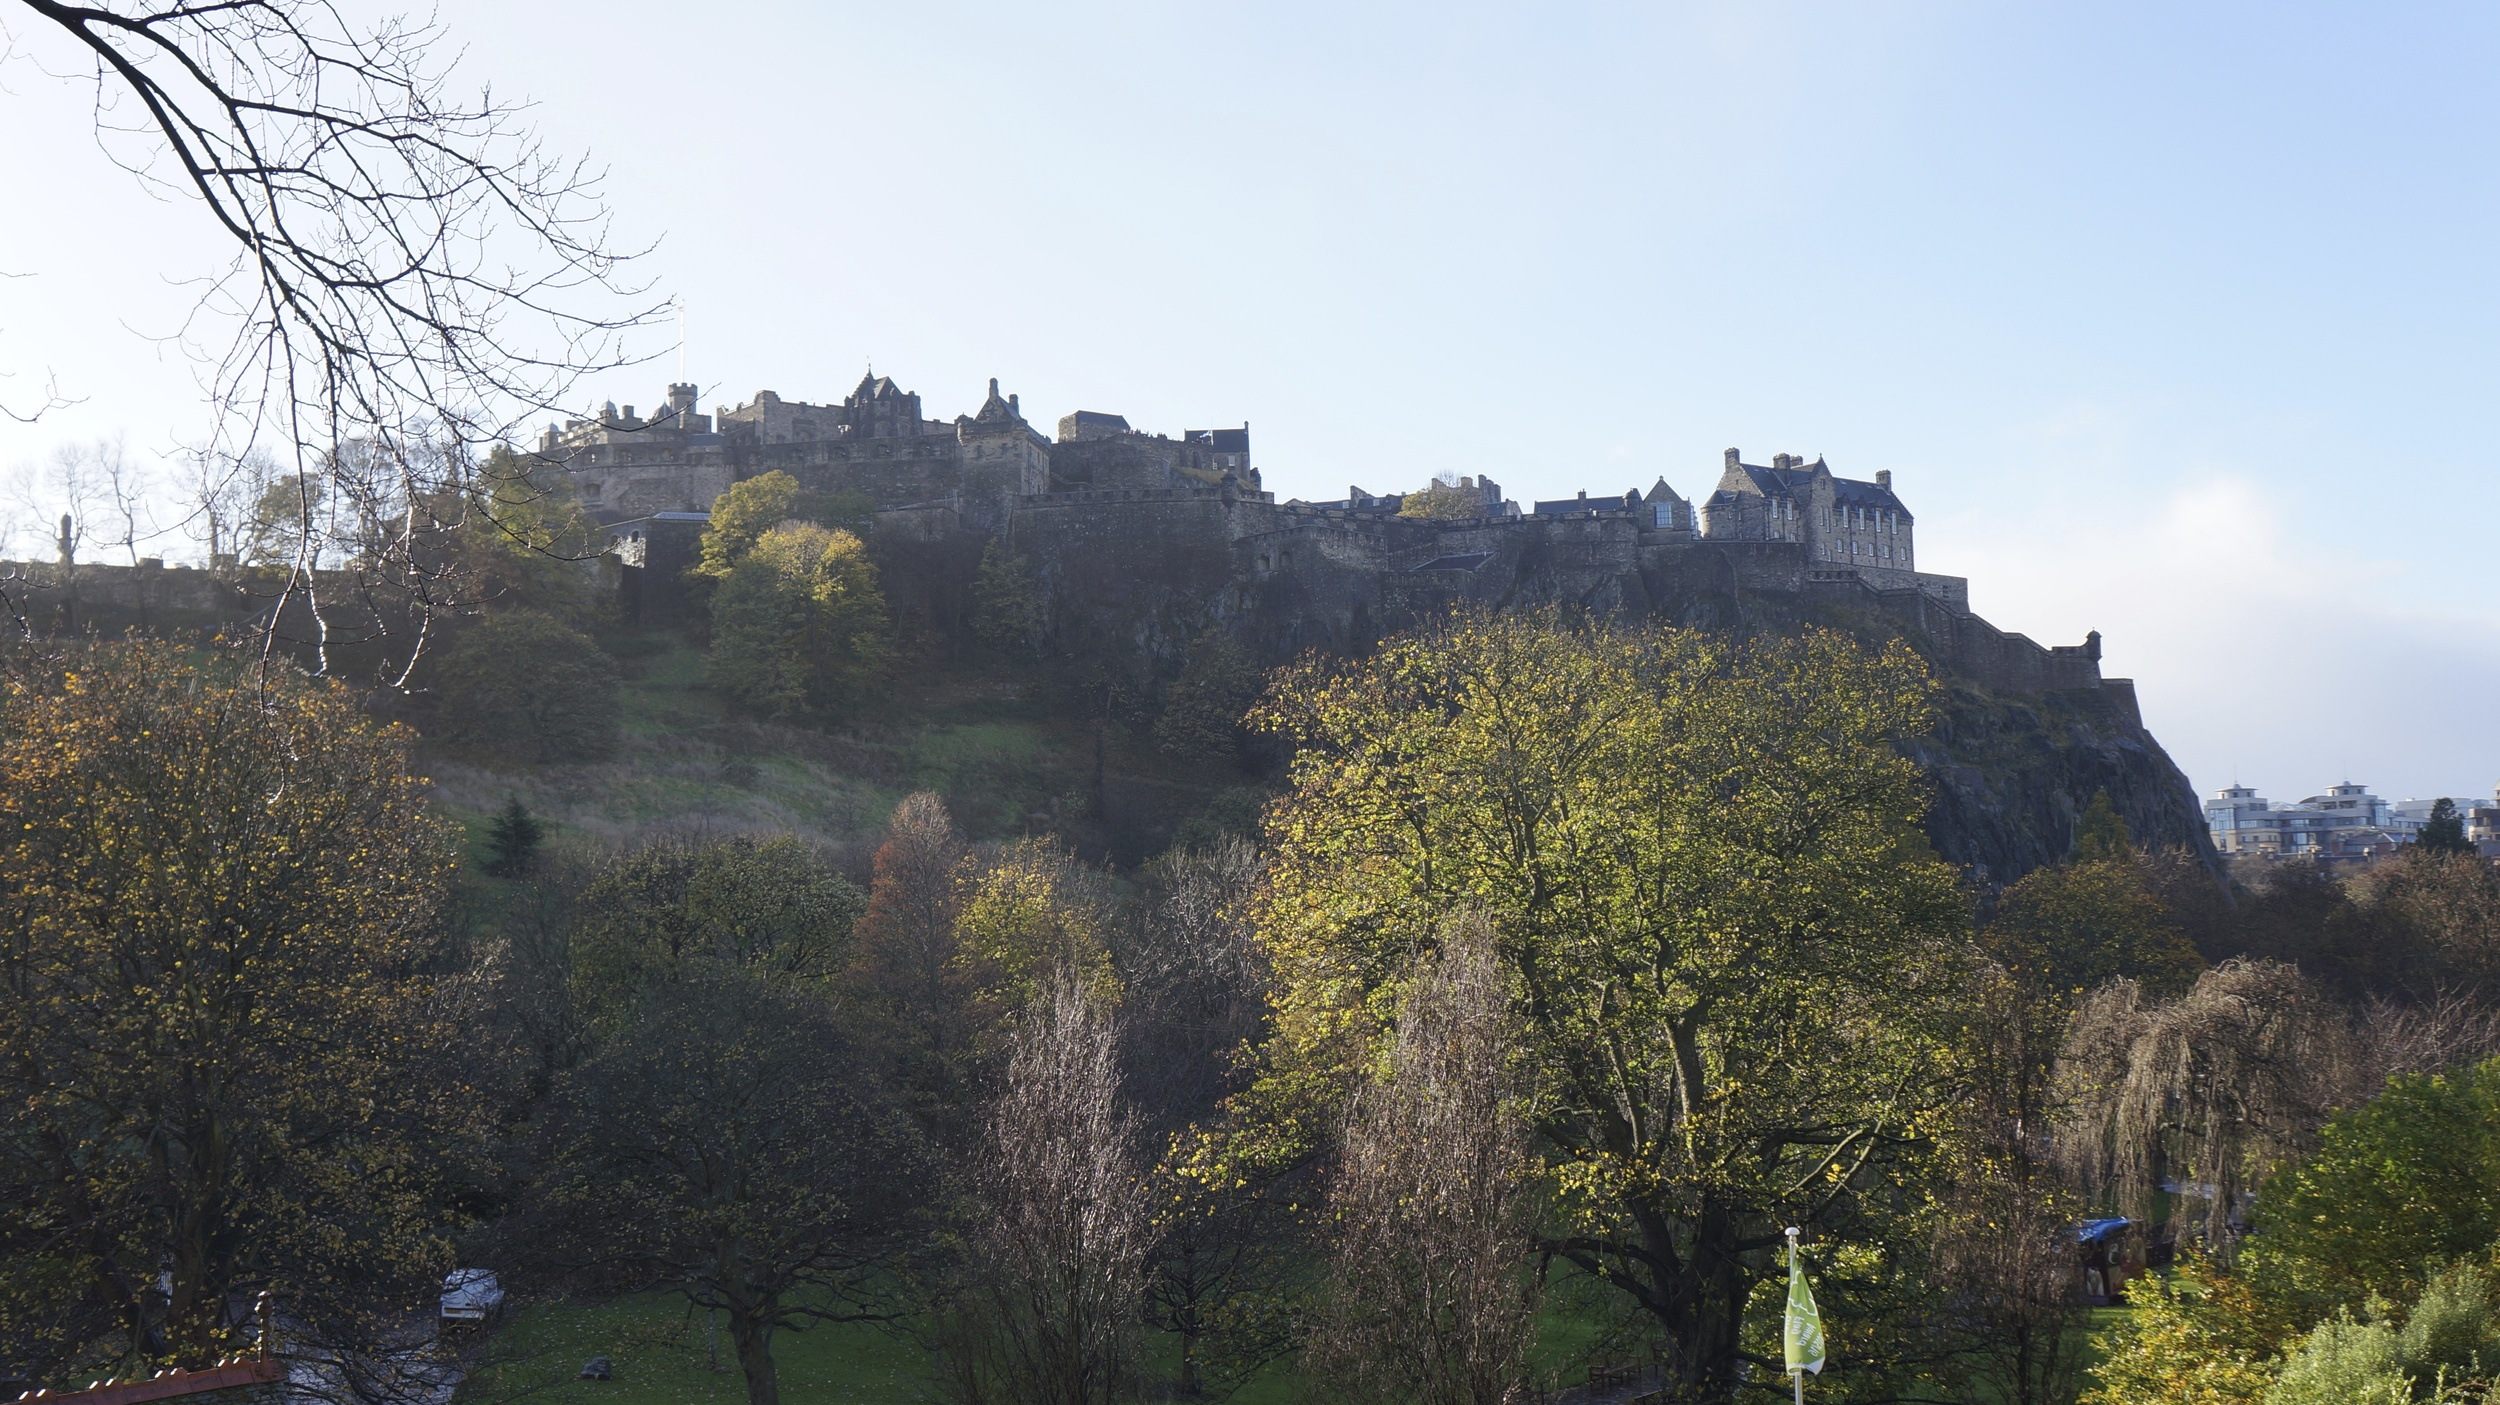 Edinburgh Castle from below